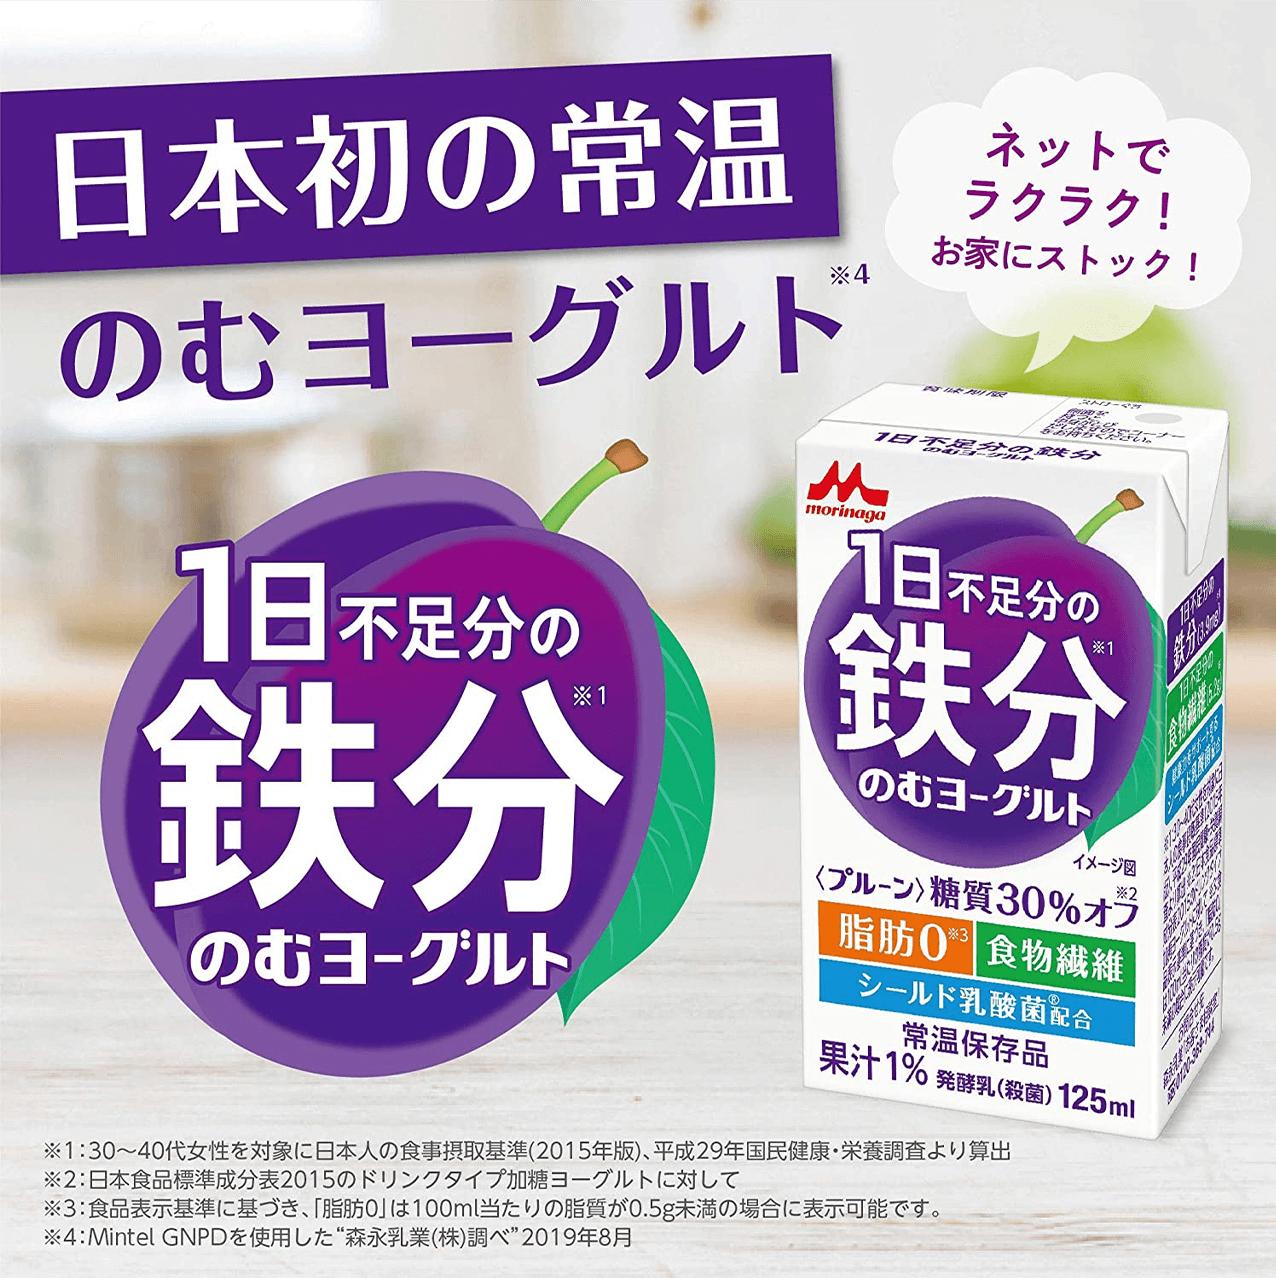 日本初の常温 飲むヨーグルト 1日不足分の鉄分のむヨーグルト